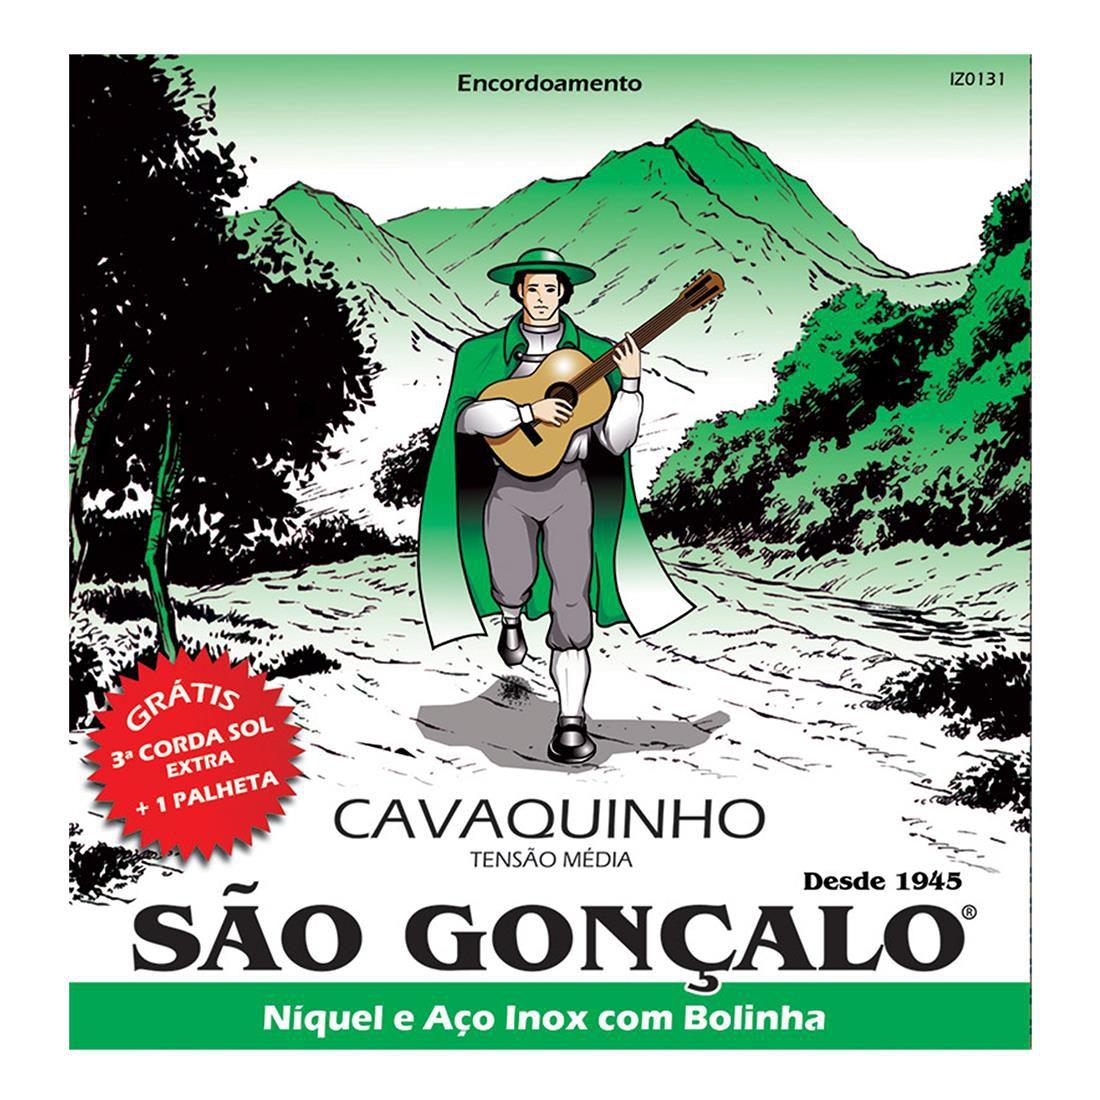 Encordoamento p/ Cavaco Sao Gonçalo Niquel c/ Bolinha